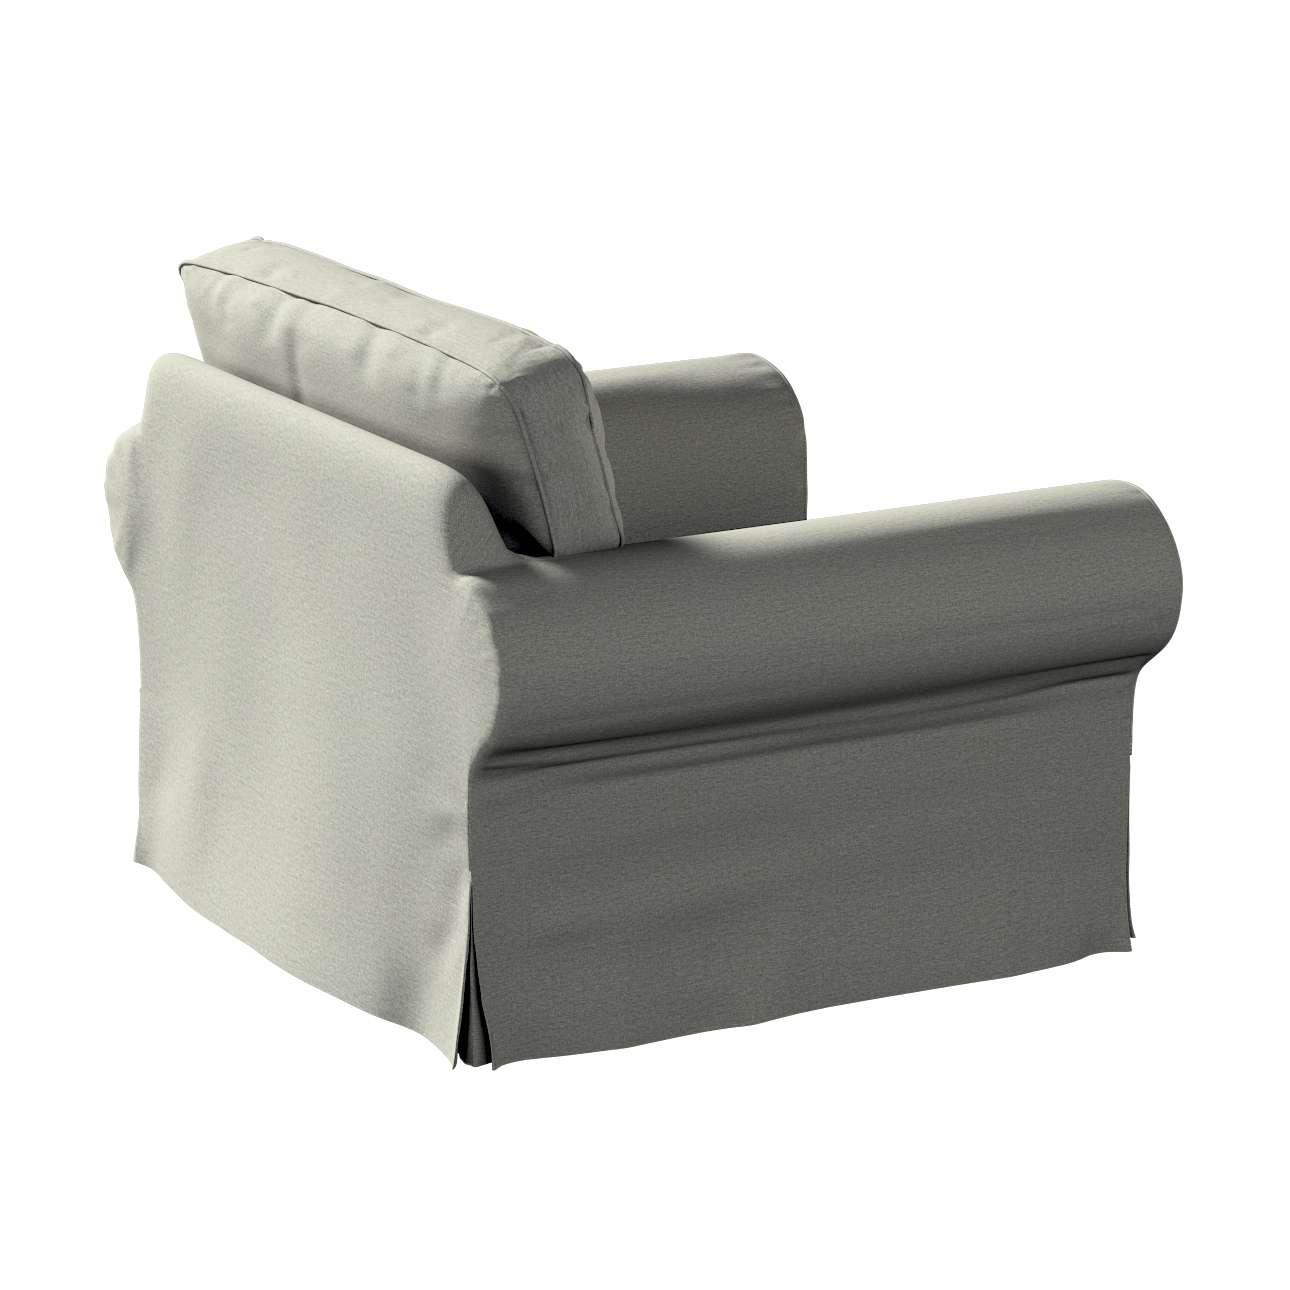 Pokrowiec na fotel Ektorp w kolekcji Etna, tkanina: 161-25